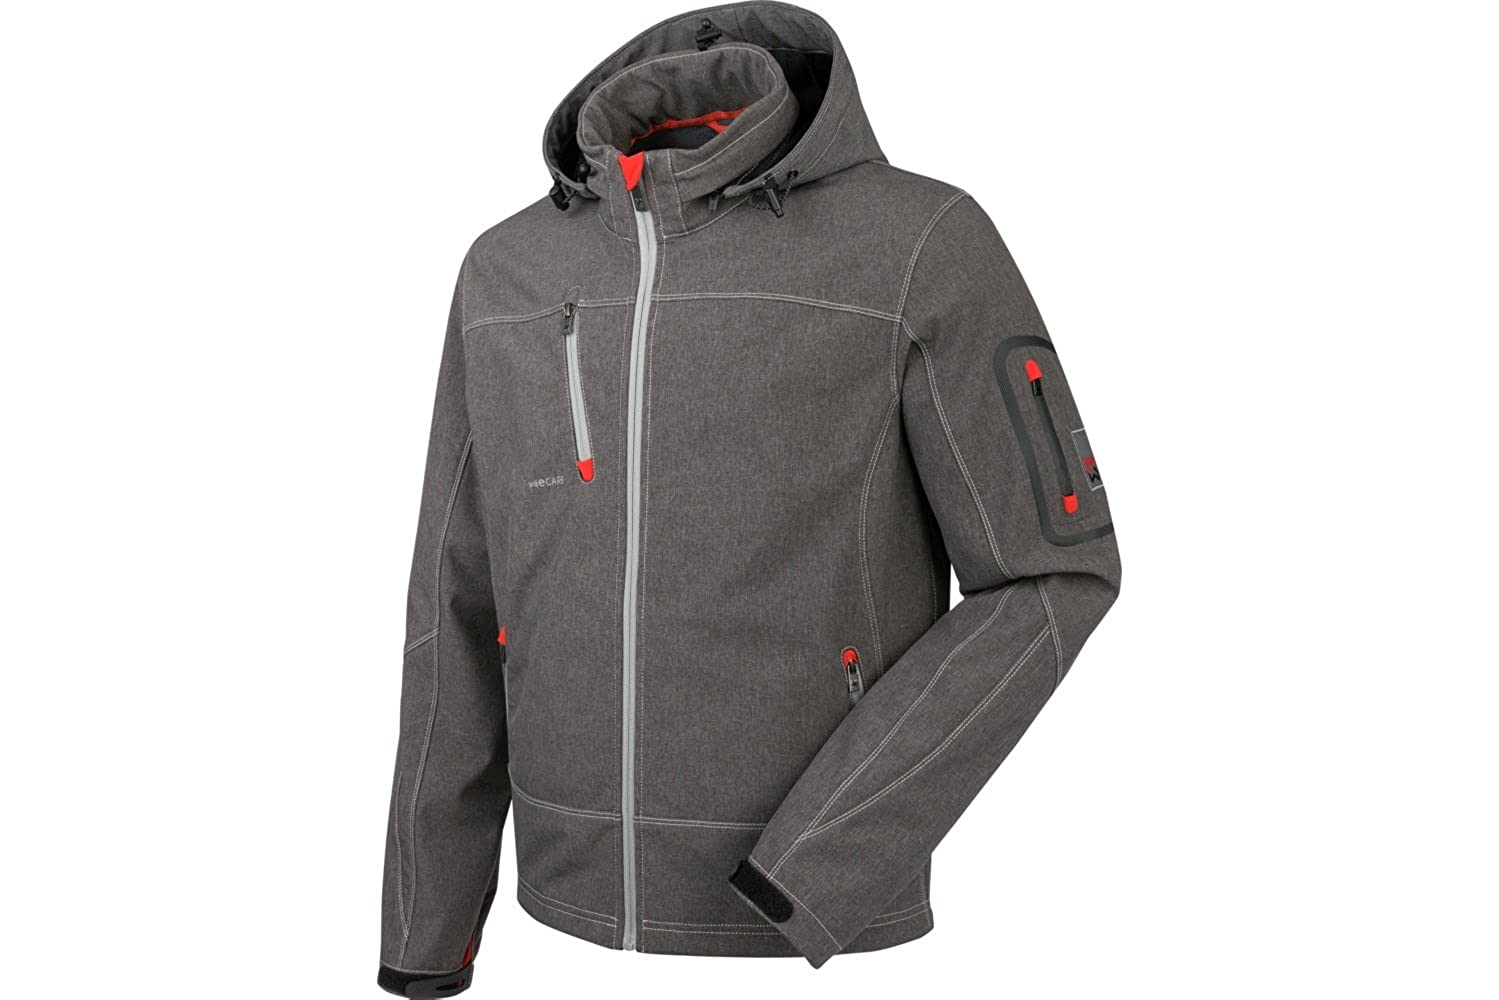 Würth MODYF Artic Softshelljacke  Die attraktive Jacke ist aus Einem mehrlagigen Gewebe gearbeitet, das besonders hautfreundlich & weich ist. Die Jacke ist in & verfügbar. Shop Now